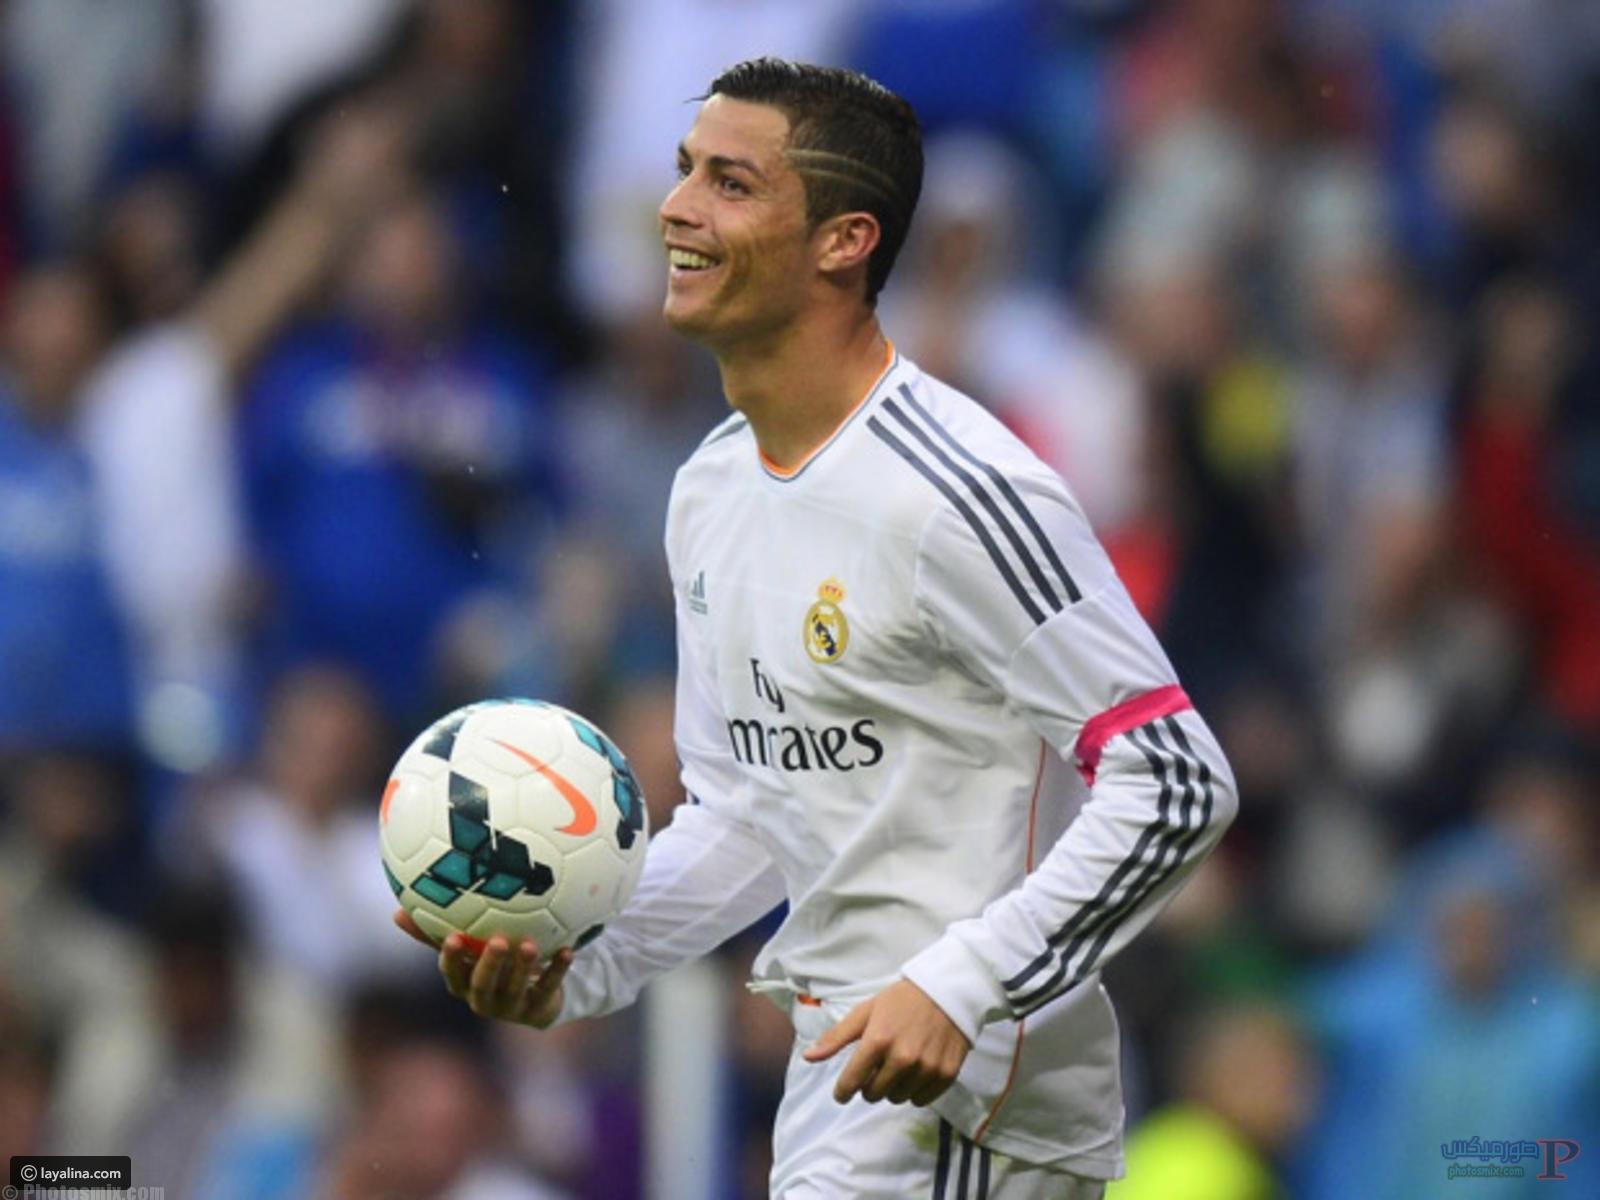 -رونالدو-الخاصة-وفي-الملعب-17 صور كريستيانو رونالدو , اجمل صور Ronaldo 2018 , خلفيات ورمزيات رونالدو